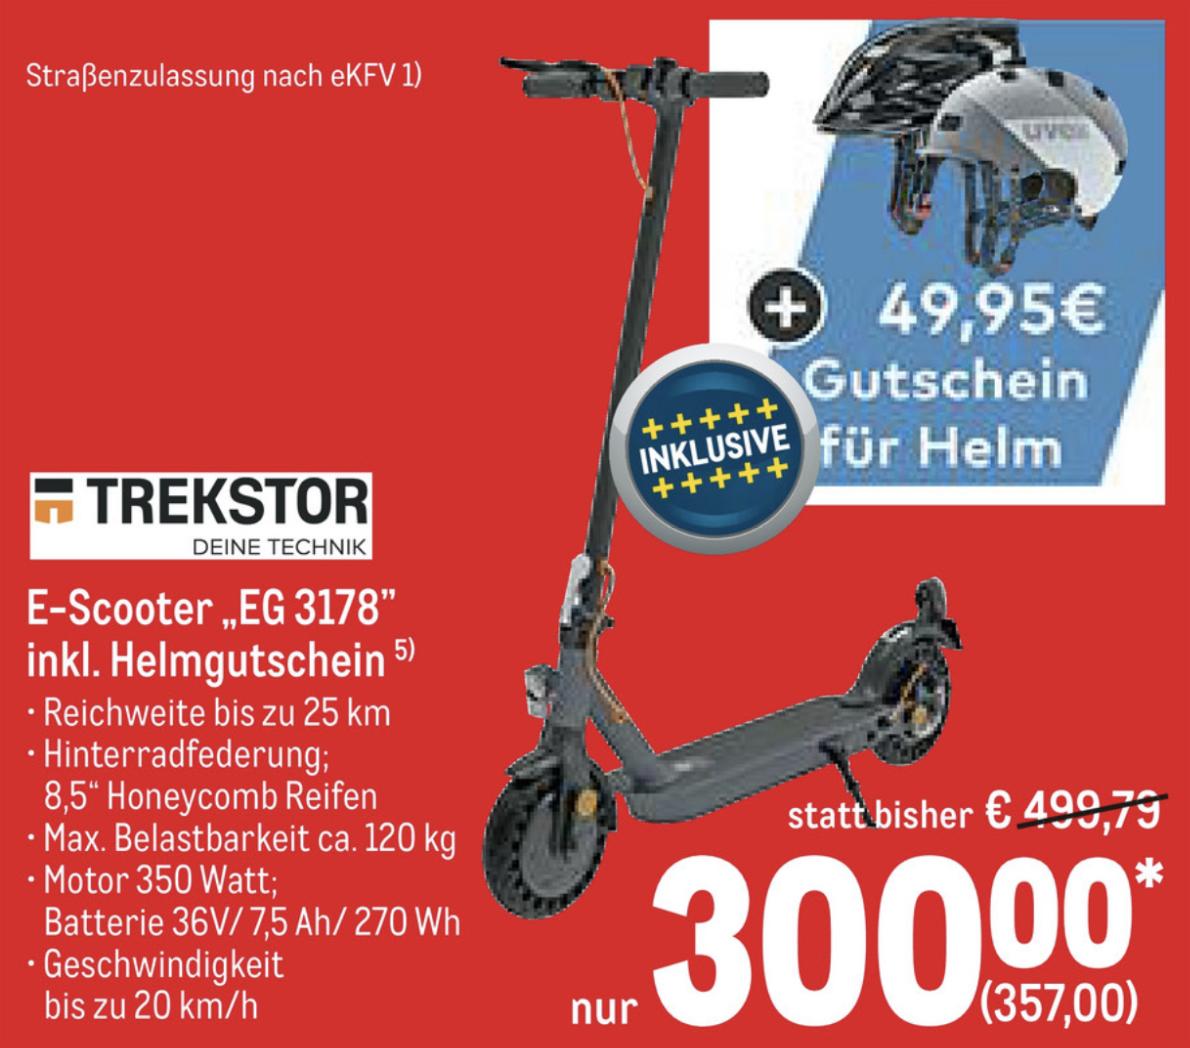 TREKSTOR EG 3178 E-Scooter mit Straßenzulassung + Gutschein für UVEX Helm für zusammen 357€ - ab 20.02. - Gewerbe o. Verein erforderlich